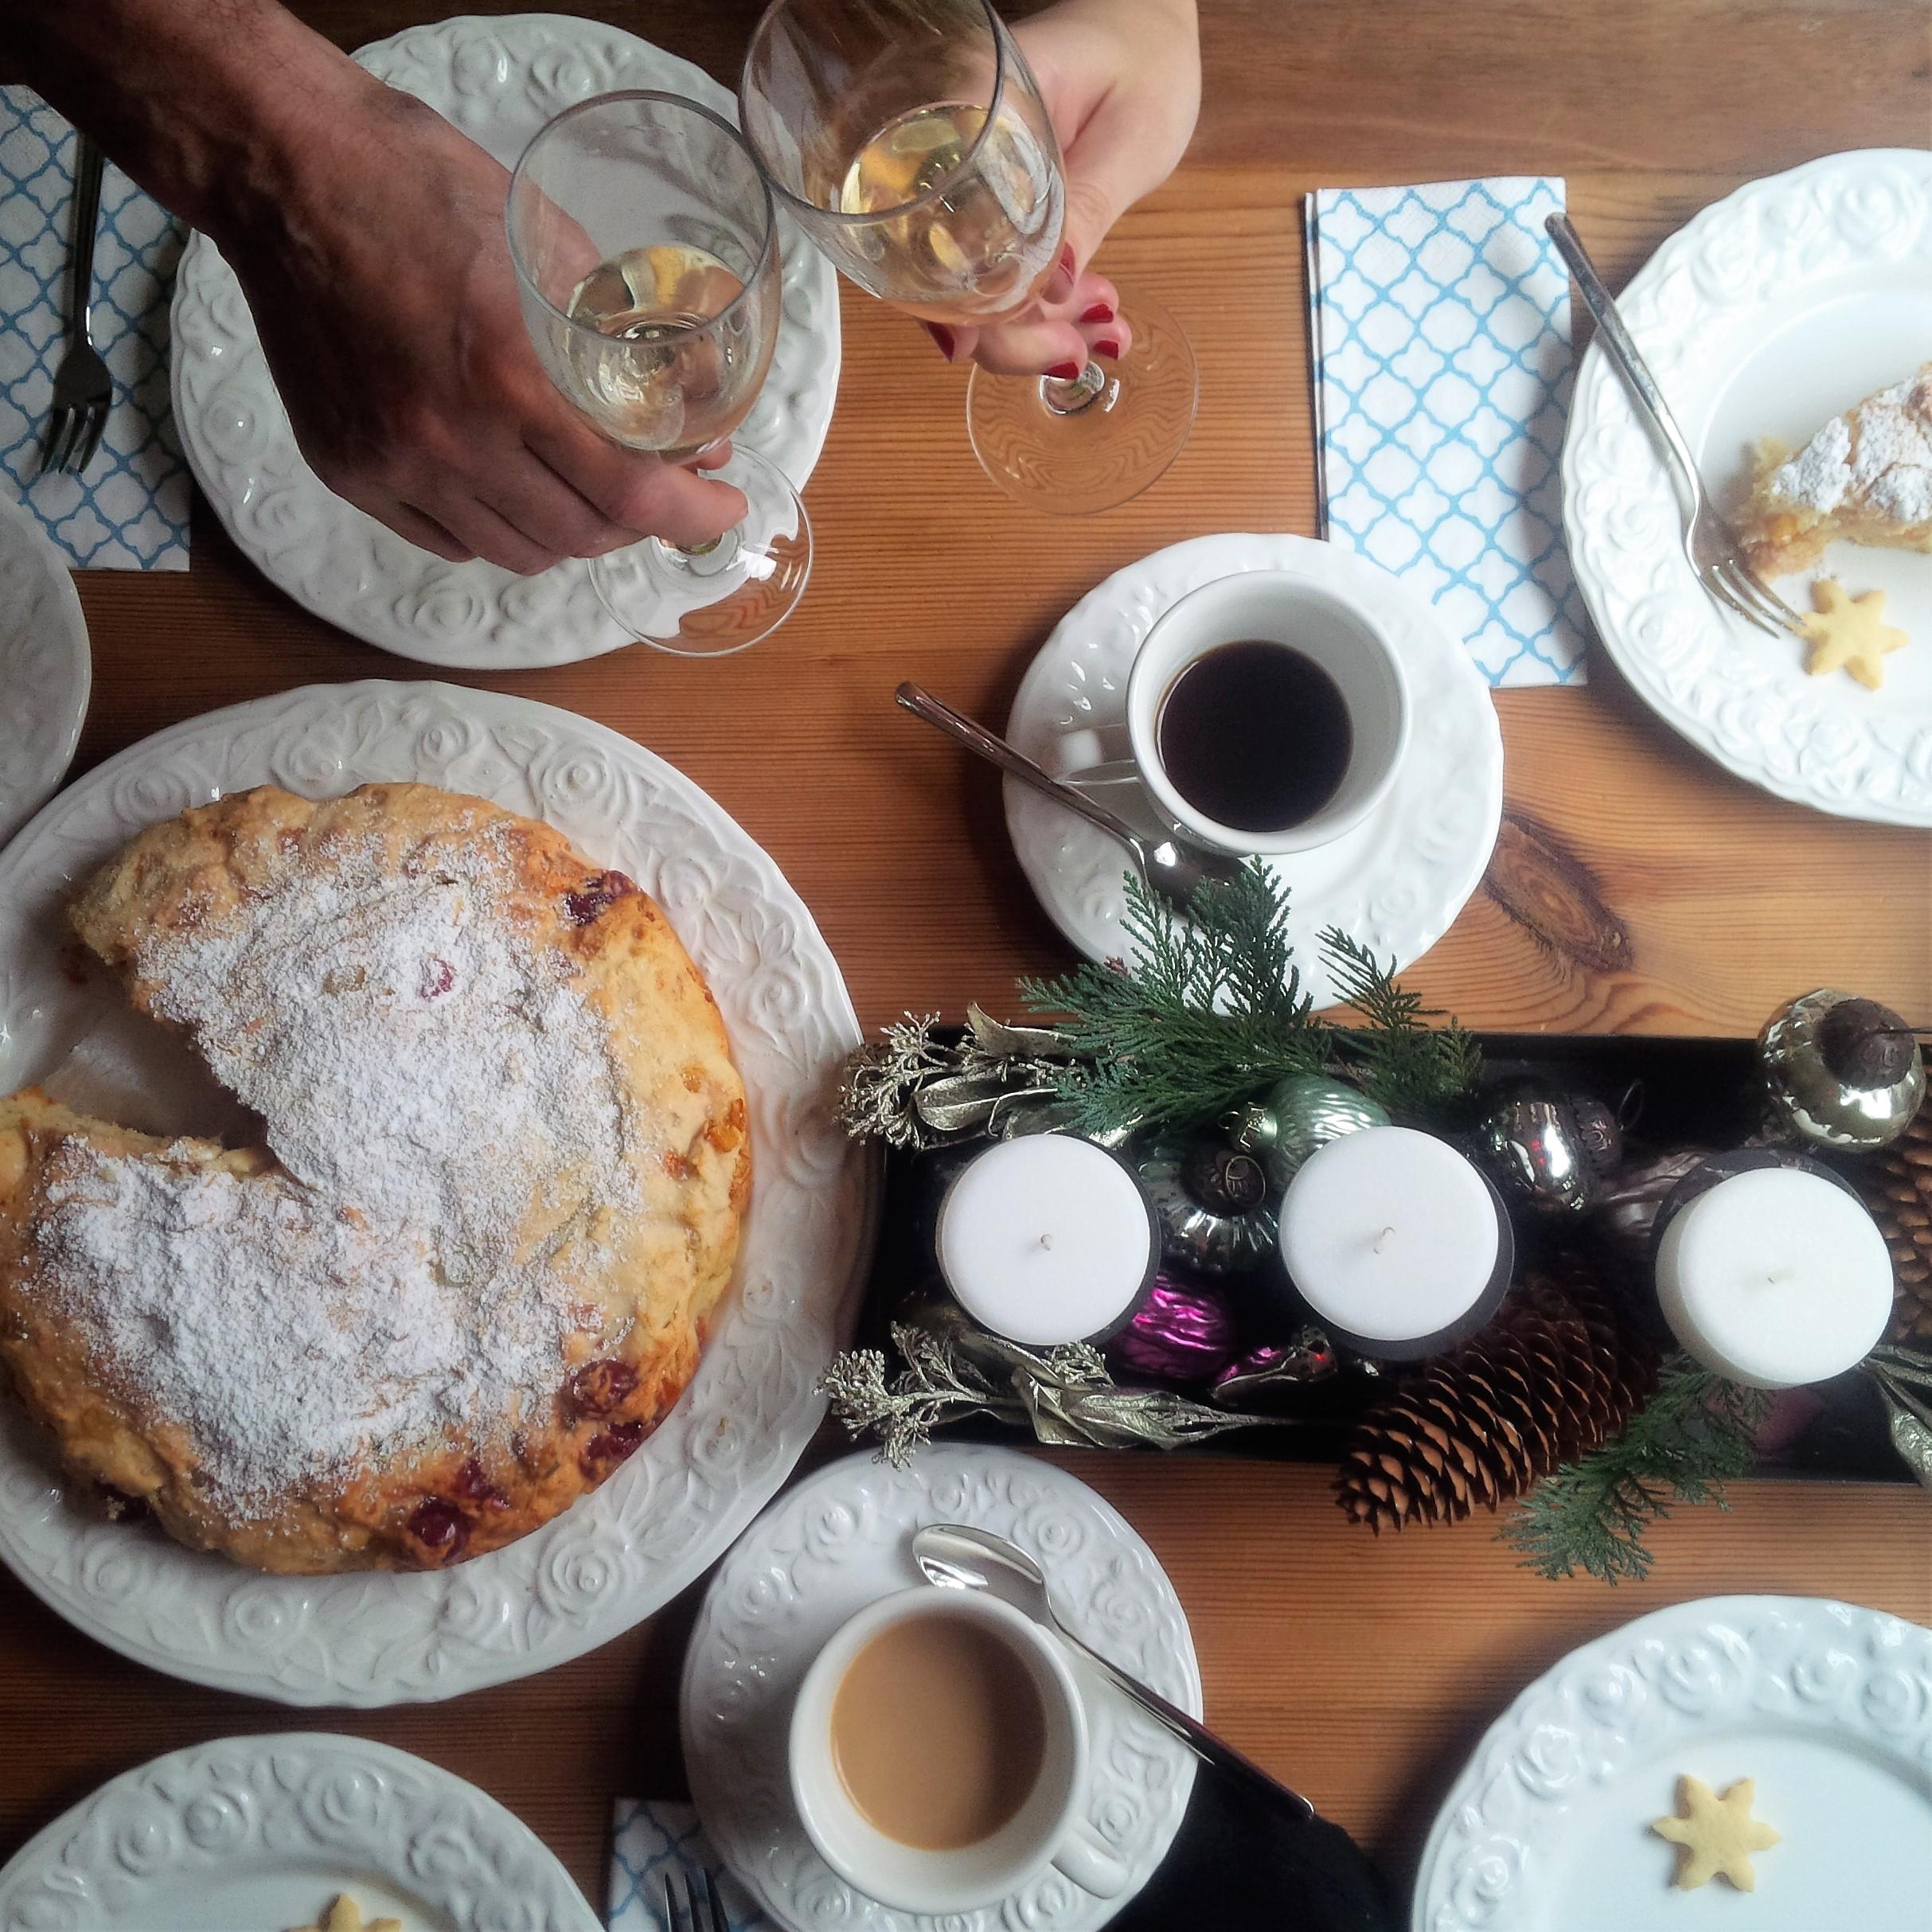 the-weekender-merry-christmas-everyone-liebe-was-ist-sonntag-gedanken-ehrlichkeit-im-leben-dankbarkeit-weihnachtsgruse-familie-23